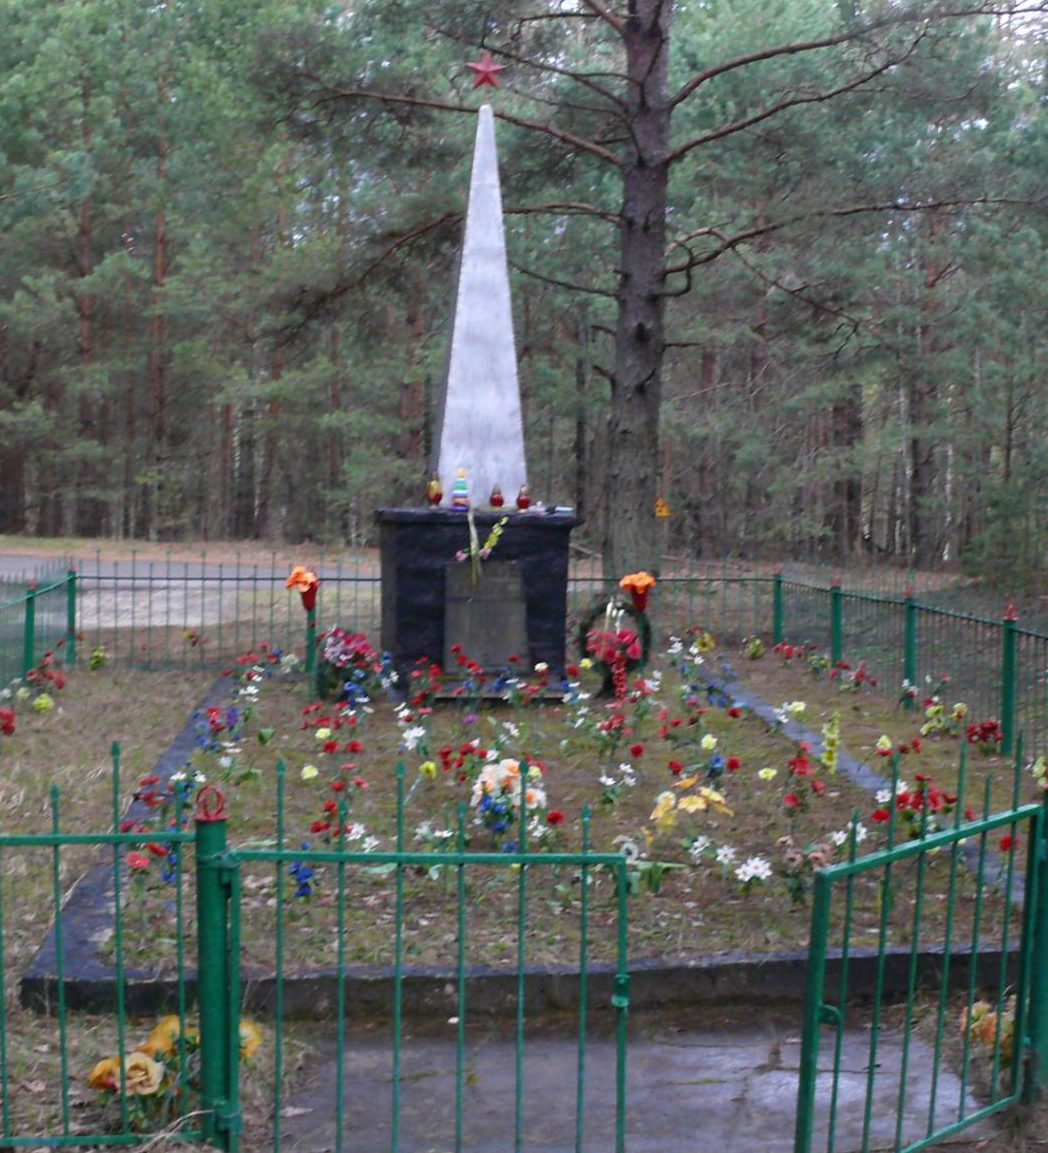 с. Новошепеличи Чернобыльская зона отчуждения. Обелиск на кладбище, установлен на братской могиле местных жителей, погибших от рук немецких оккупантов.